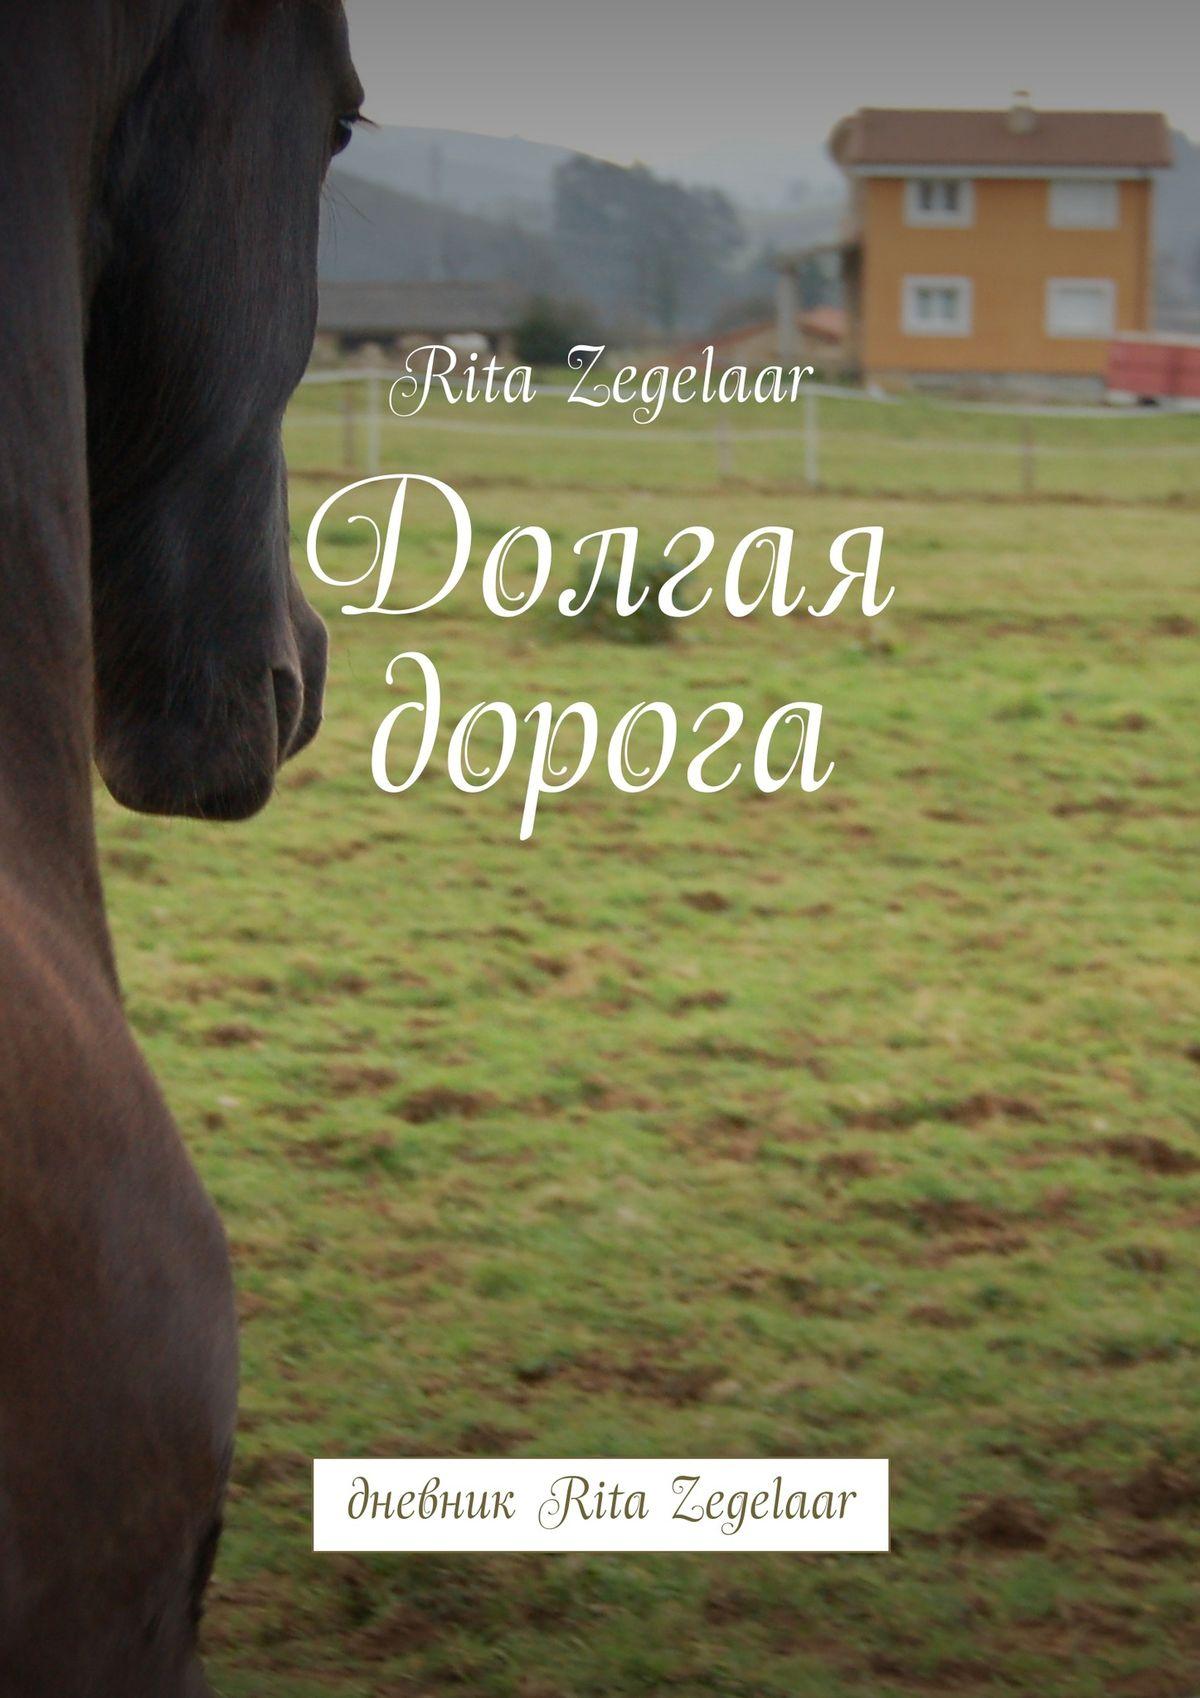 Долгая дорога. Дневник Rita Zegelaar